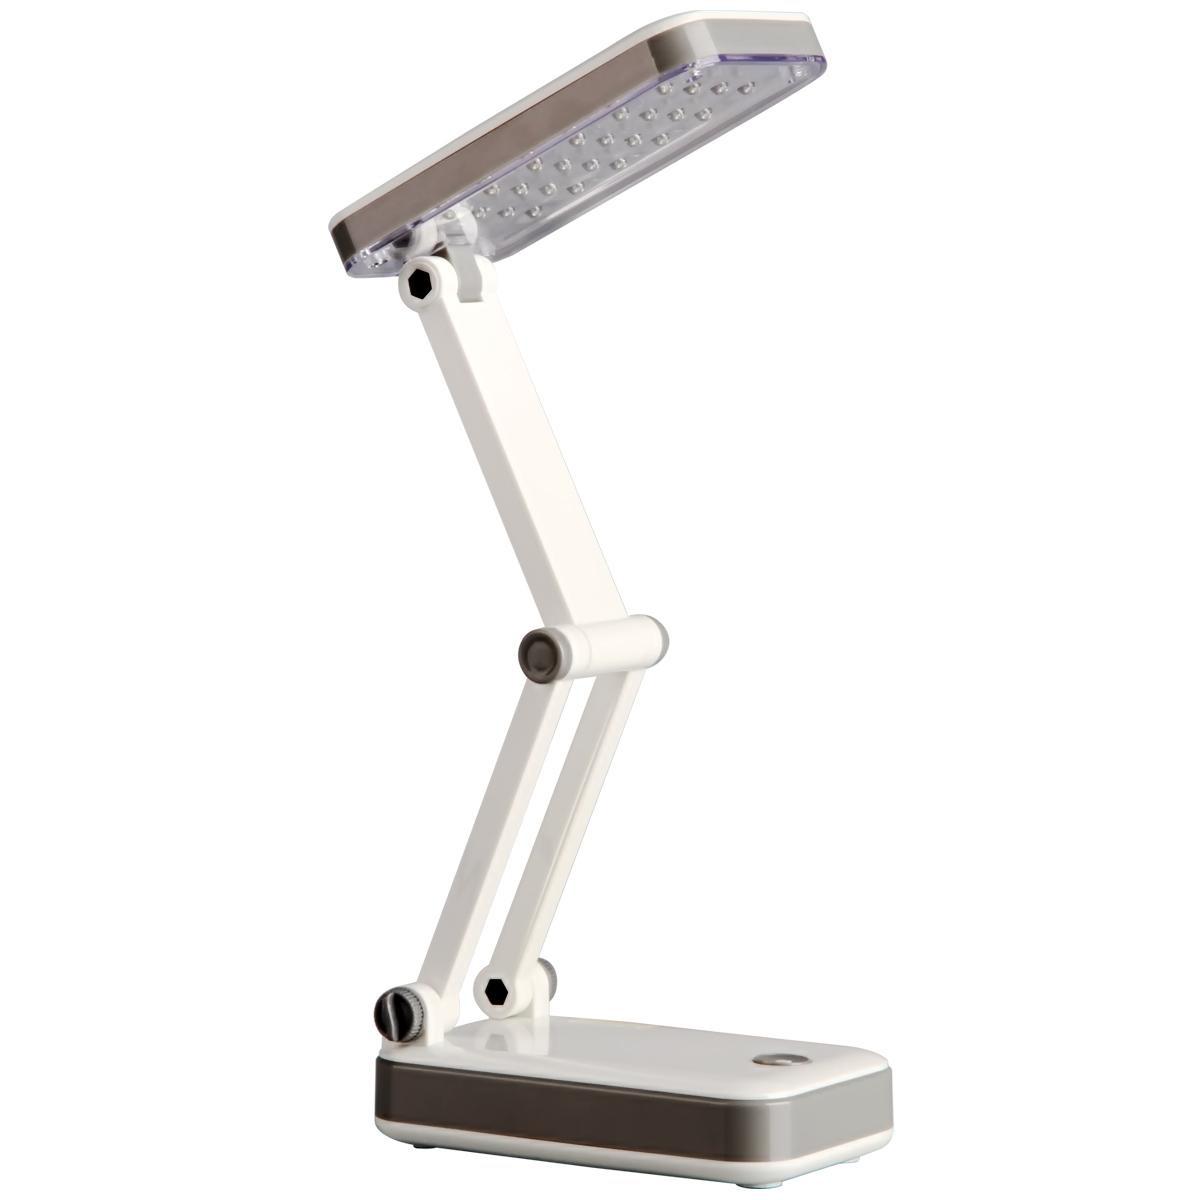 得力led折叠式充电台灯(3676)